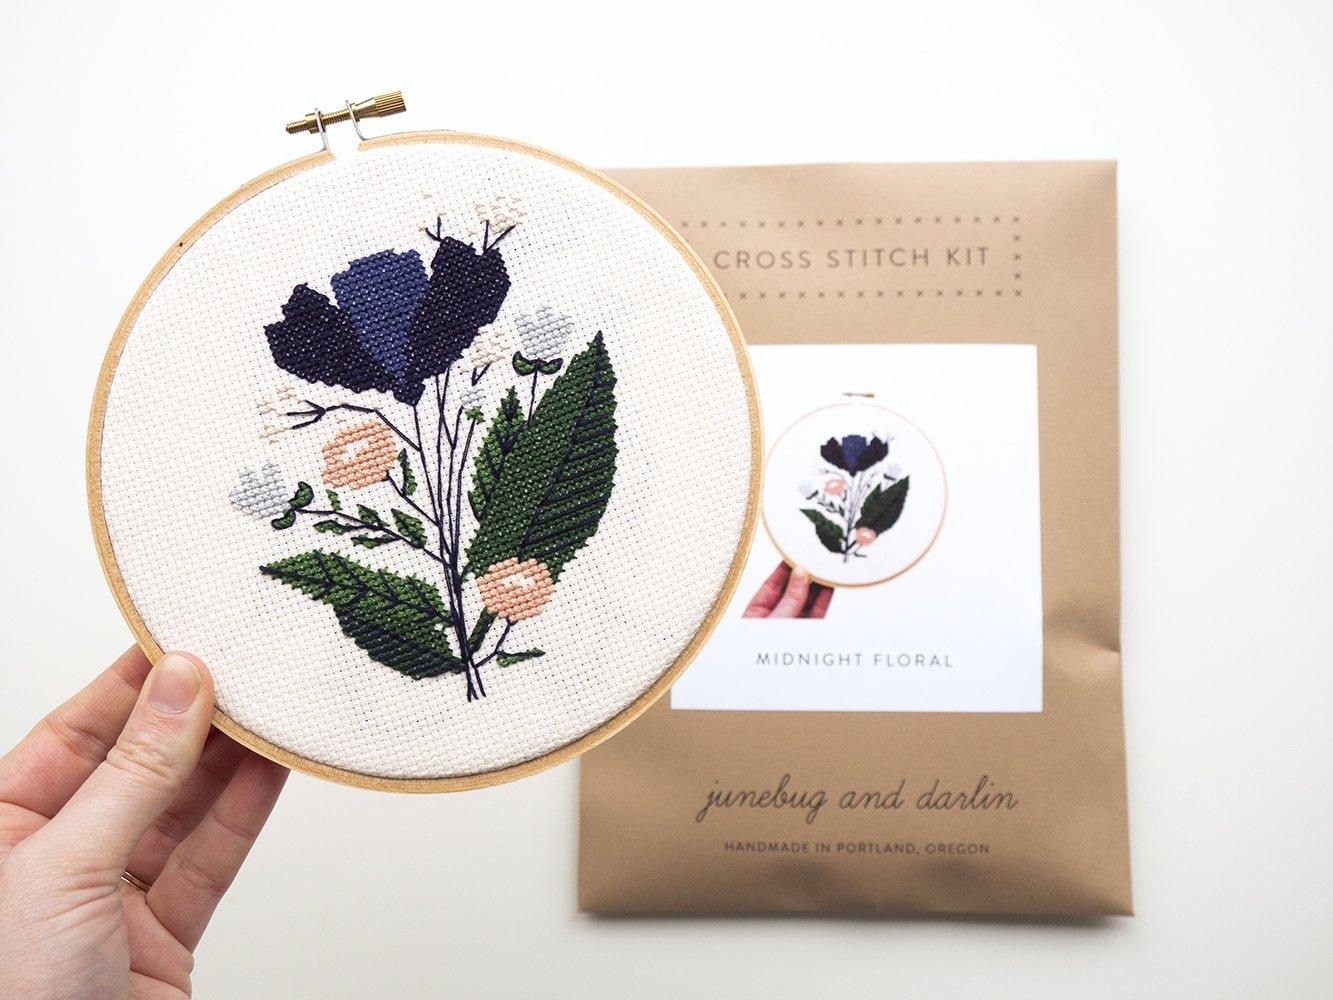 junebug and darlin Cross Stitch Kits